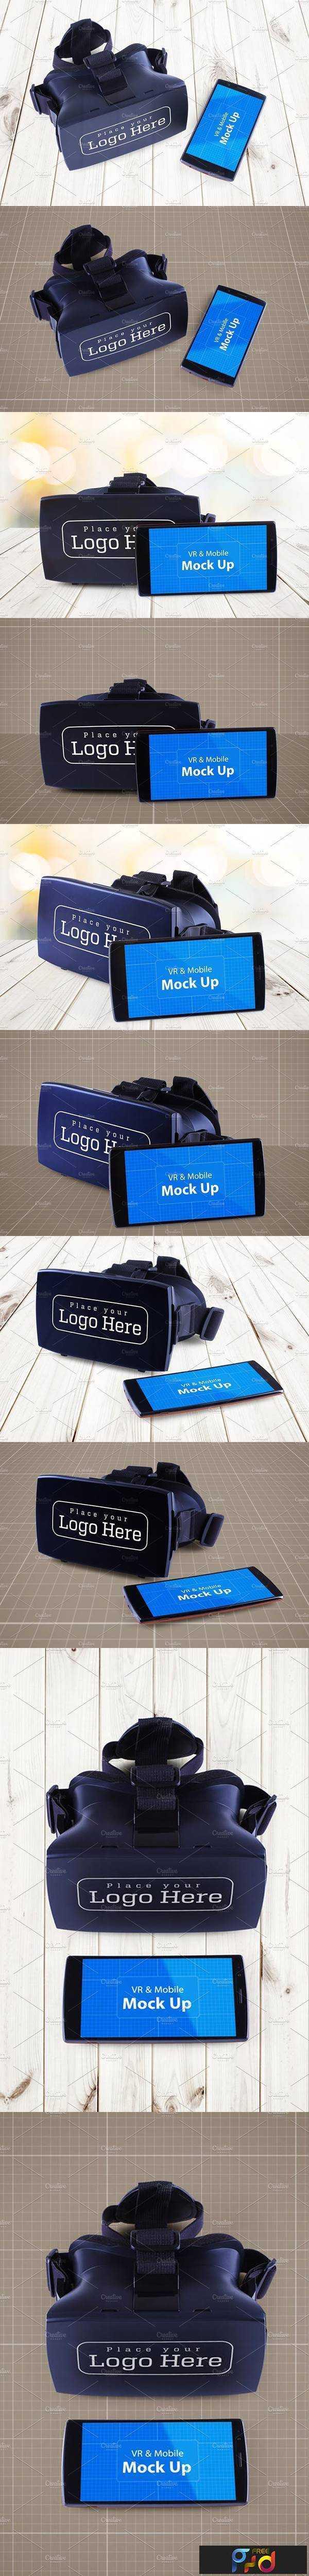 1806088 VR & Mobile Mock Up V.1 2391738 1